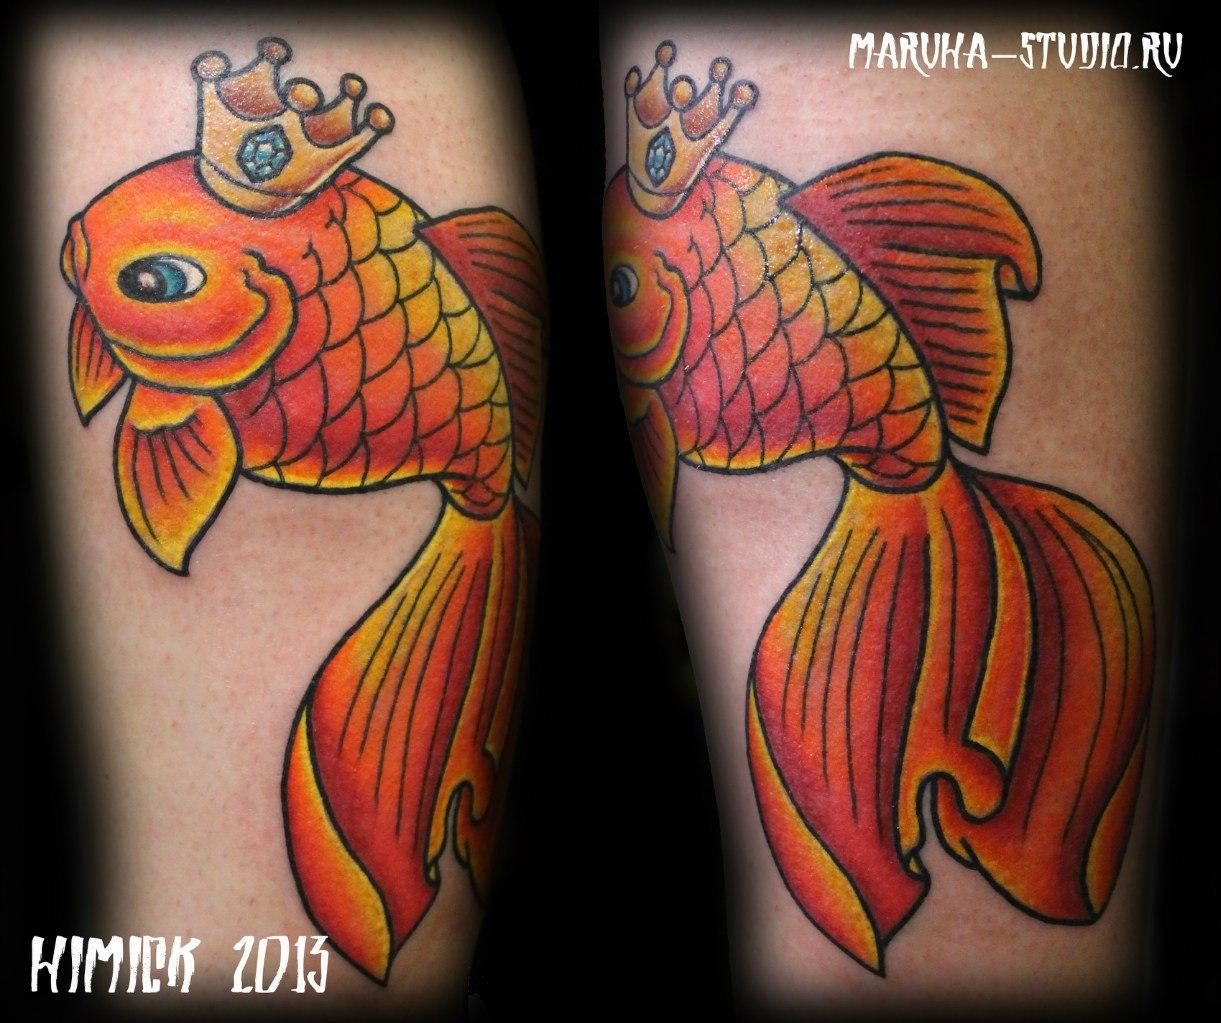 Художественная татуировка «Золотая рыбка». Выполнена мастером Евгением Булгаковым за 2 часа. Месторасположение: женская нога (икра)